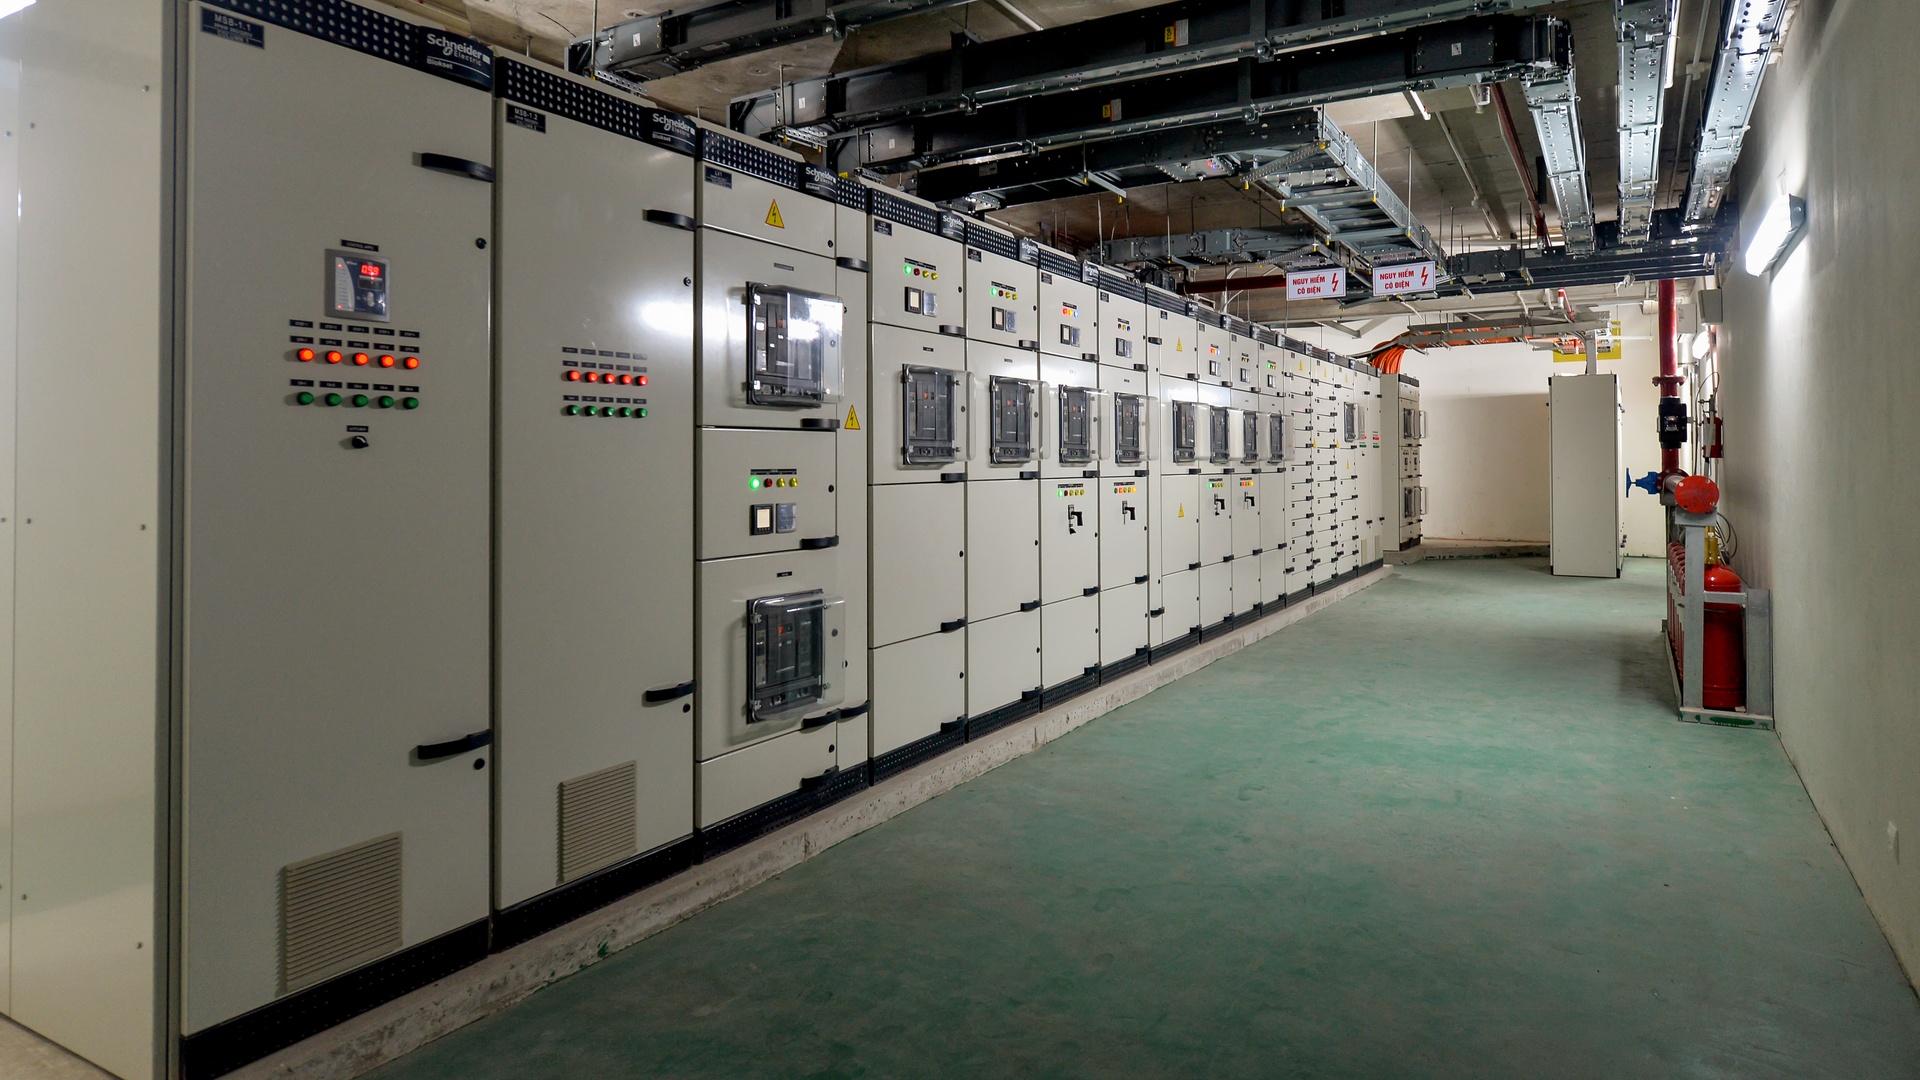 Alçak Gerilim Dağıtım Sistemleri - ENP Elektrik